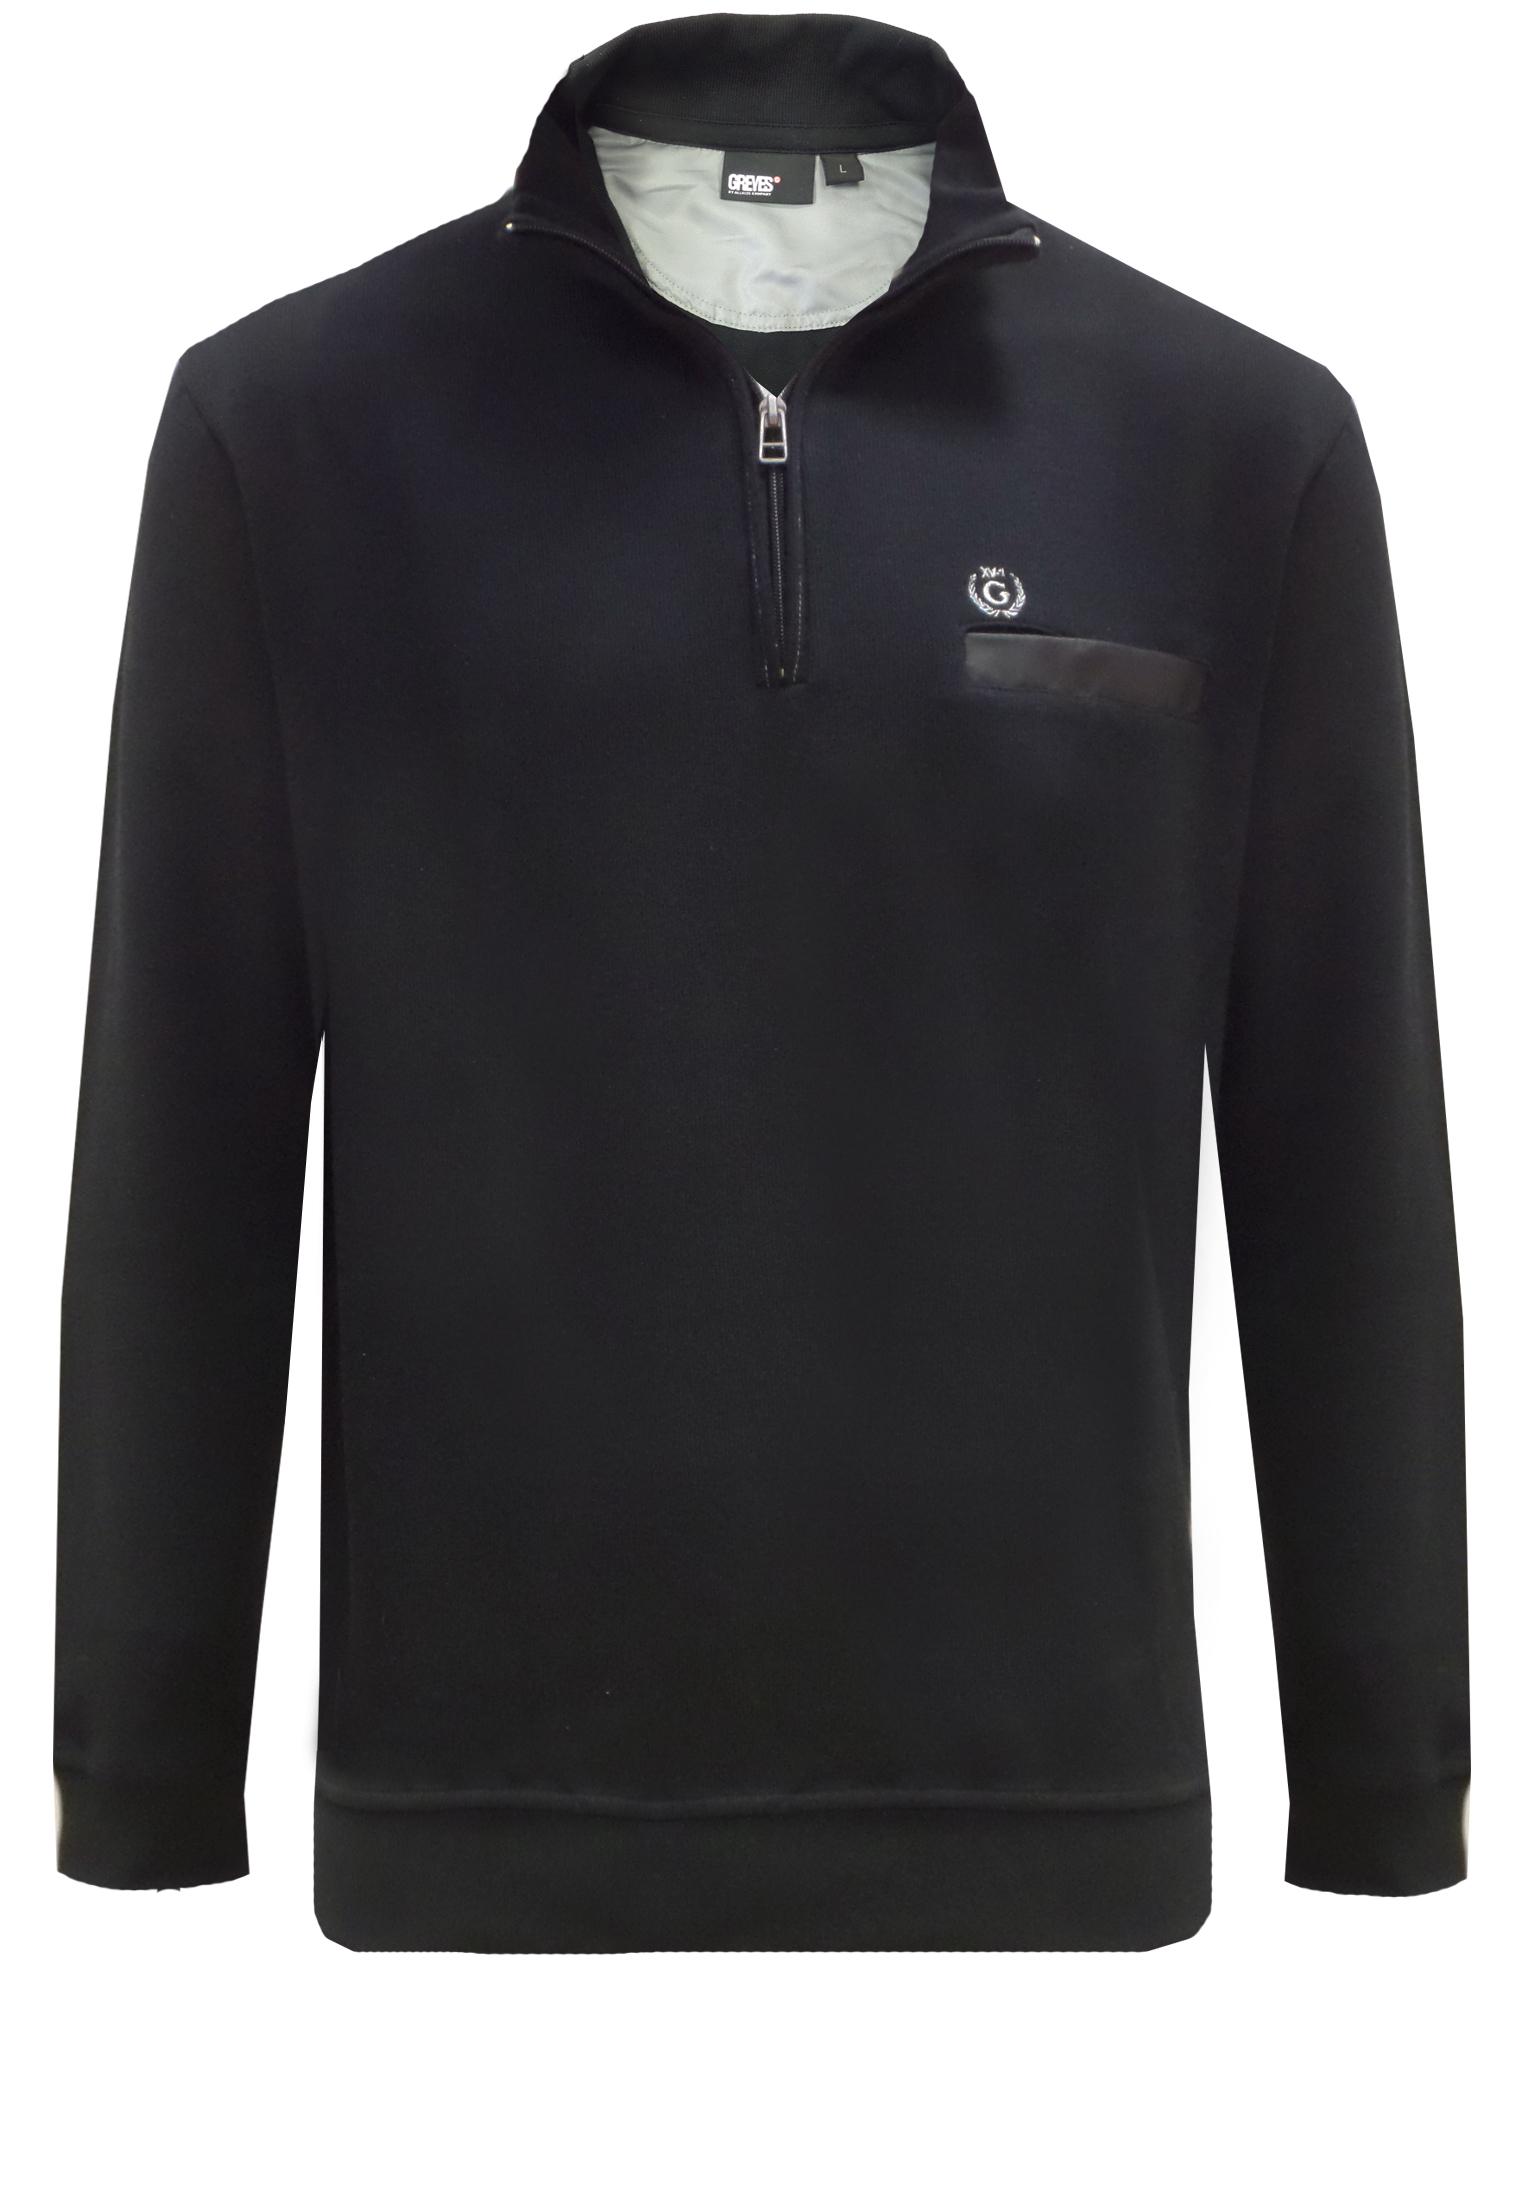 Greyes sweater met een korte ritssluiting die doorloopt tot in de staande kraag, borstzakje met klittenbandsluiting en een klein logo op de linker voorkant. Elastische mouwboordjes en zoom.